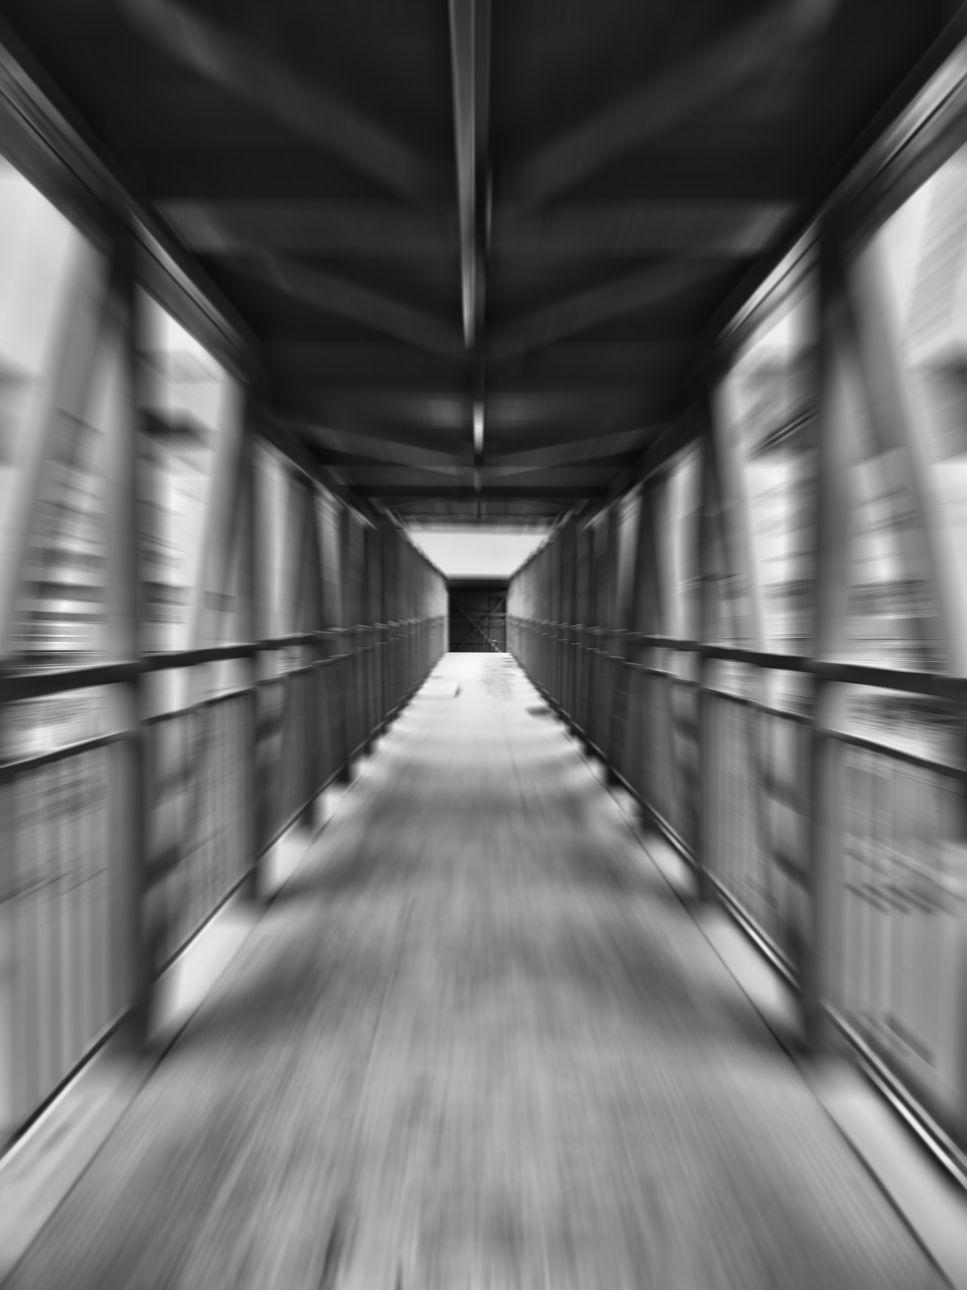 © Крупа, Фотоконкурс «Увидеть невидимое» от HONOR